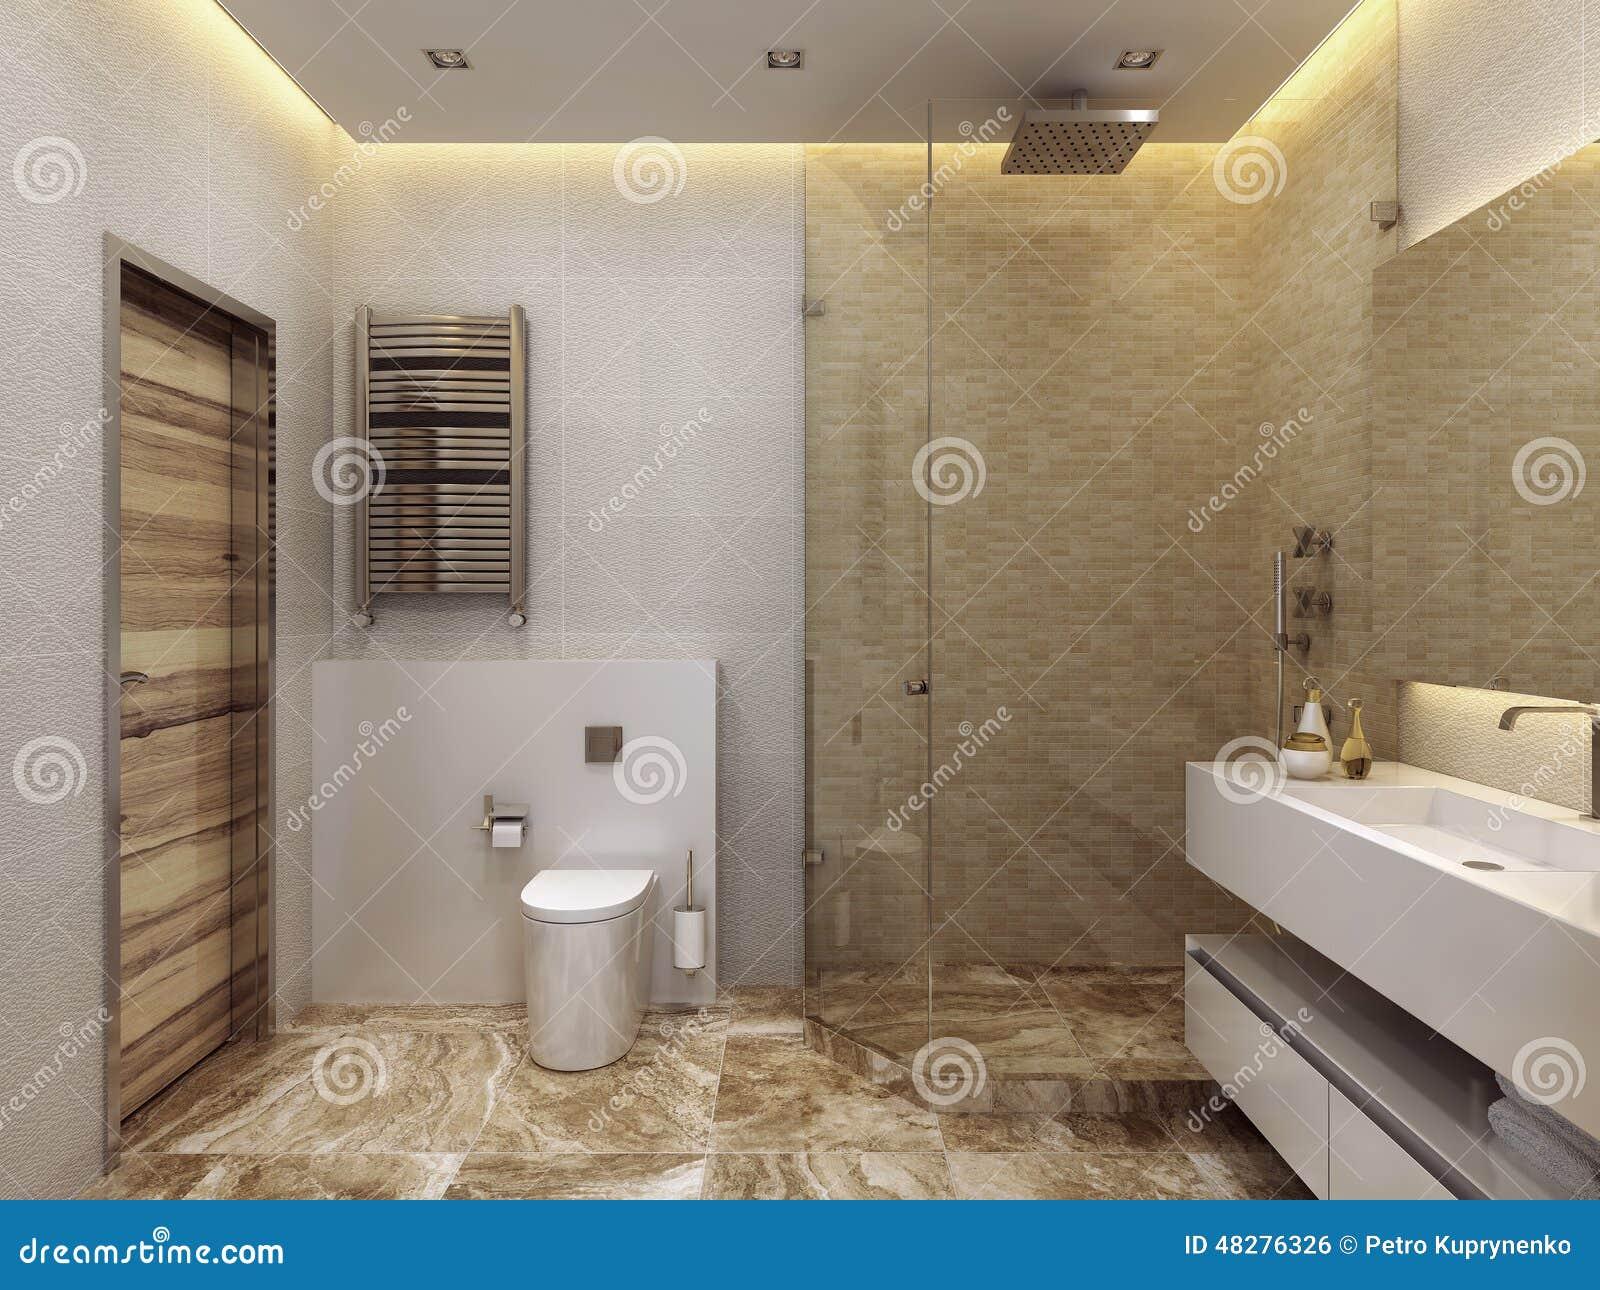 Stile contemporaneo del bagno illustrazione di stock illustrazione di bidet casa 48276326 - Bagno contemporaneo ...